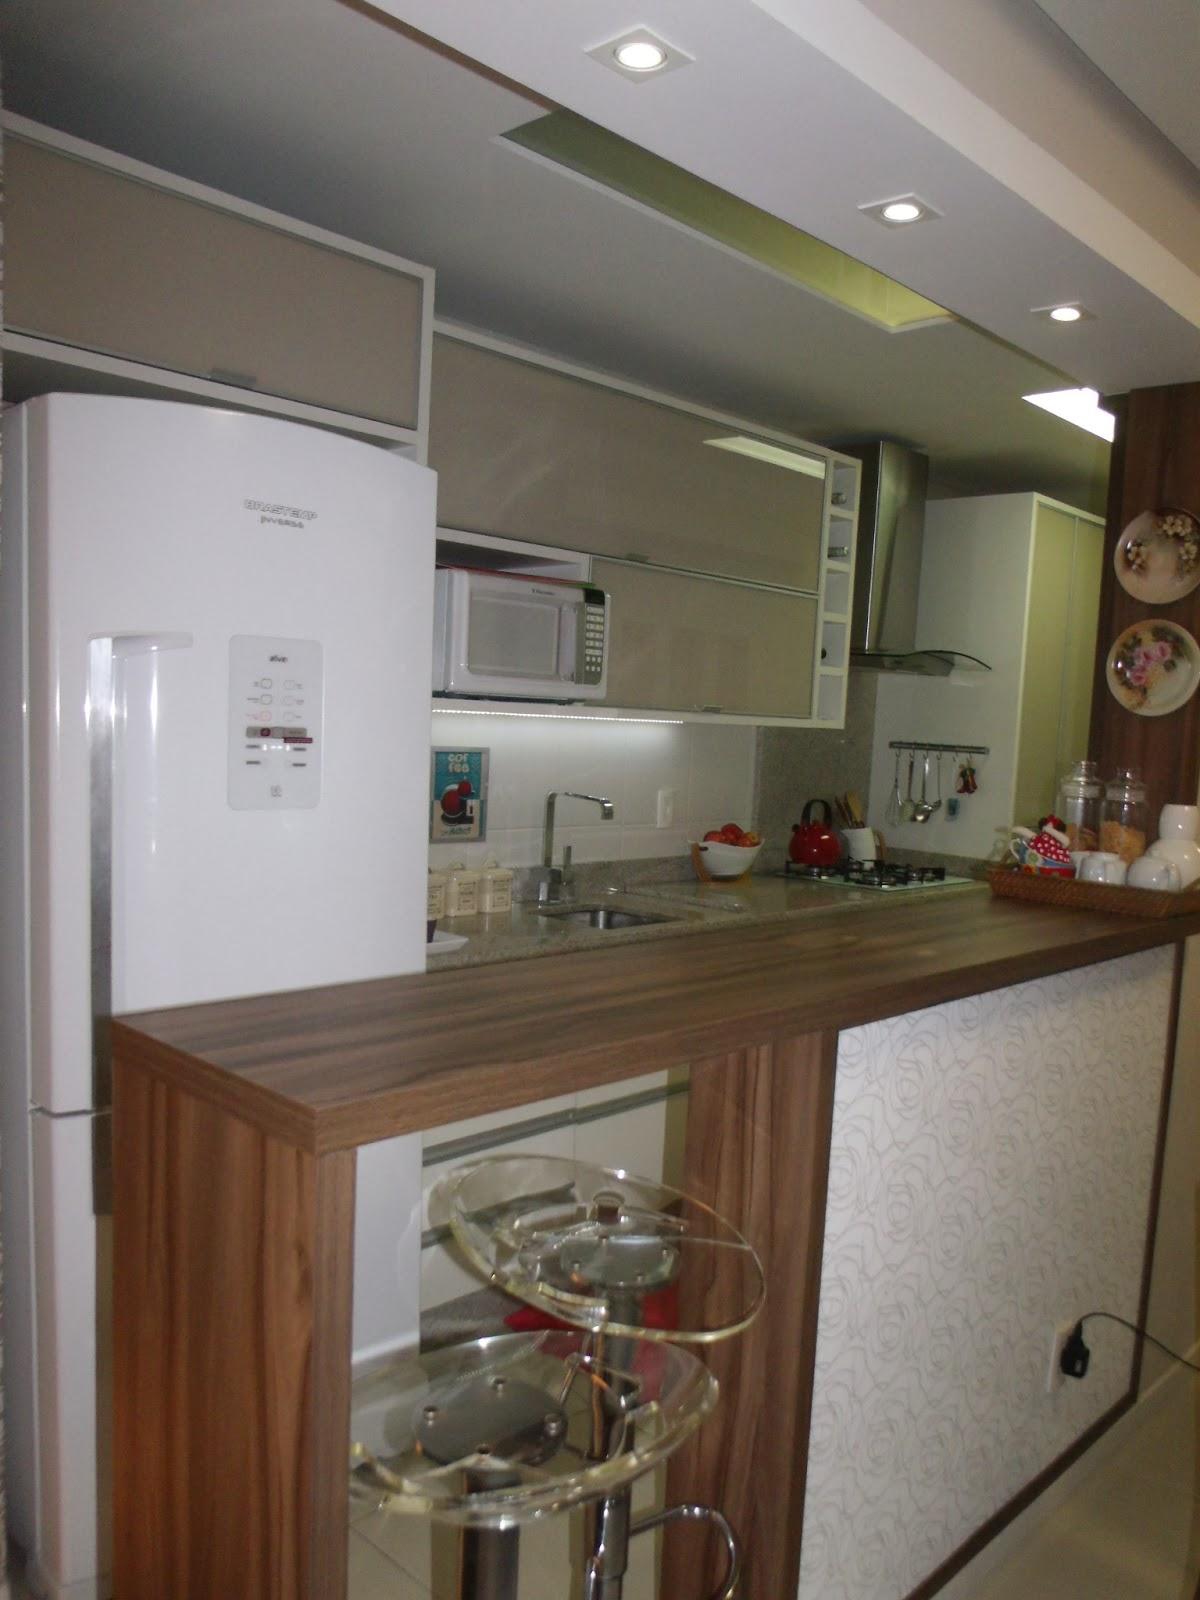 Tô Decorando por Jana Cassis!: Minha cozinha de cara nova! #5F4532 1200 1600